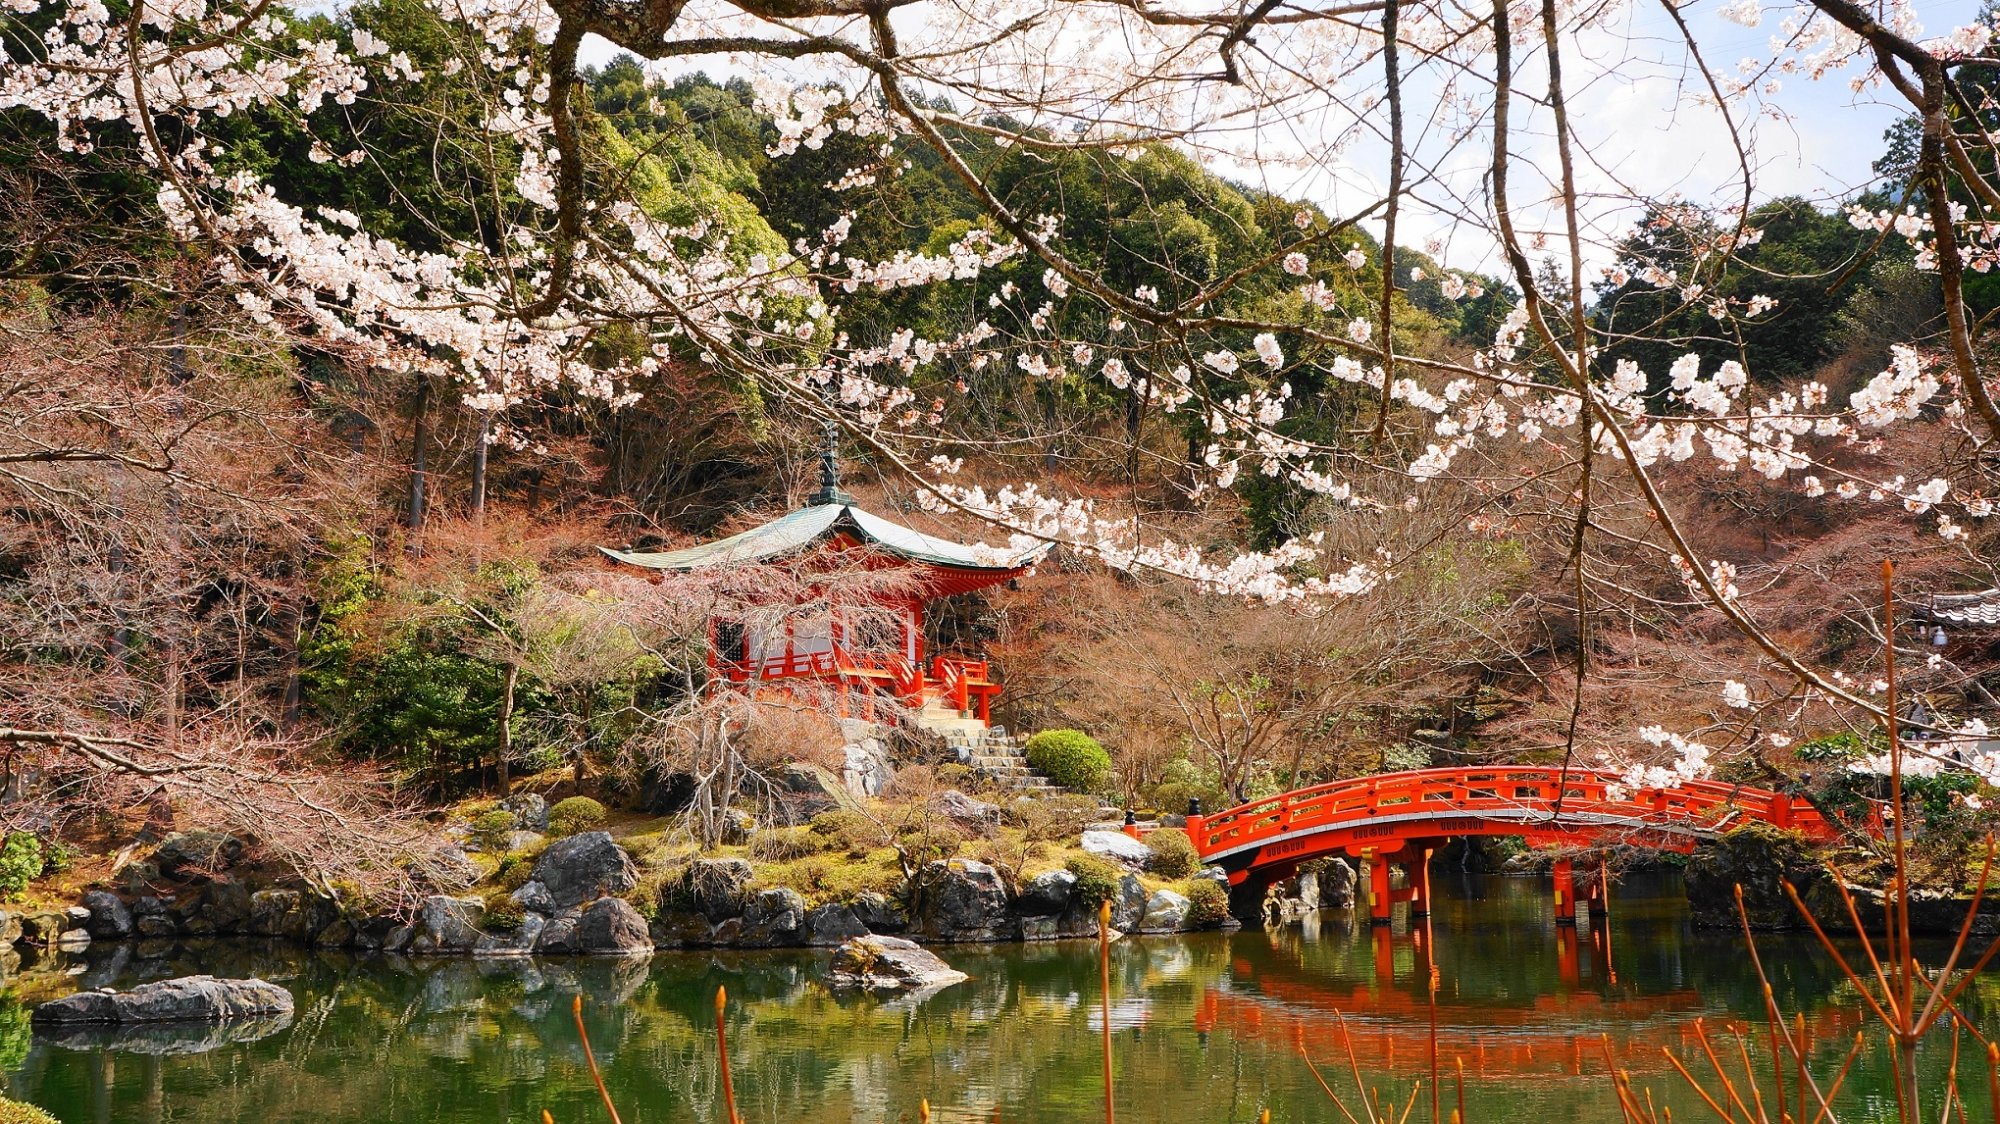 豊臣秀吉の醍醐の花見で有名な醍醐寺の弁天堂と桜